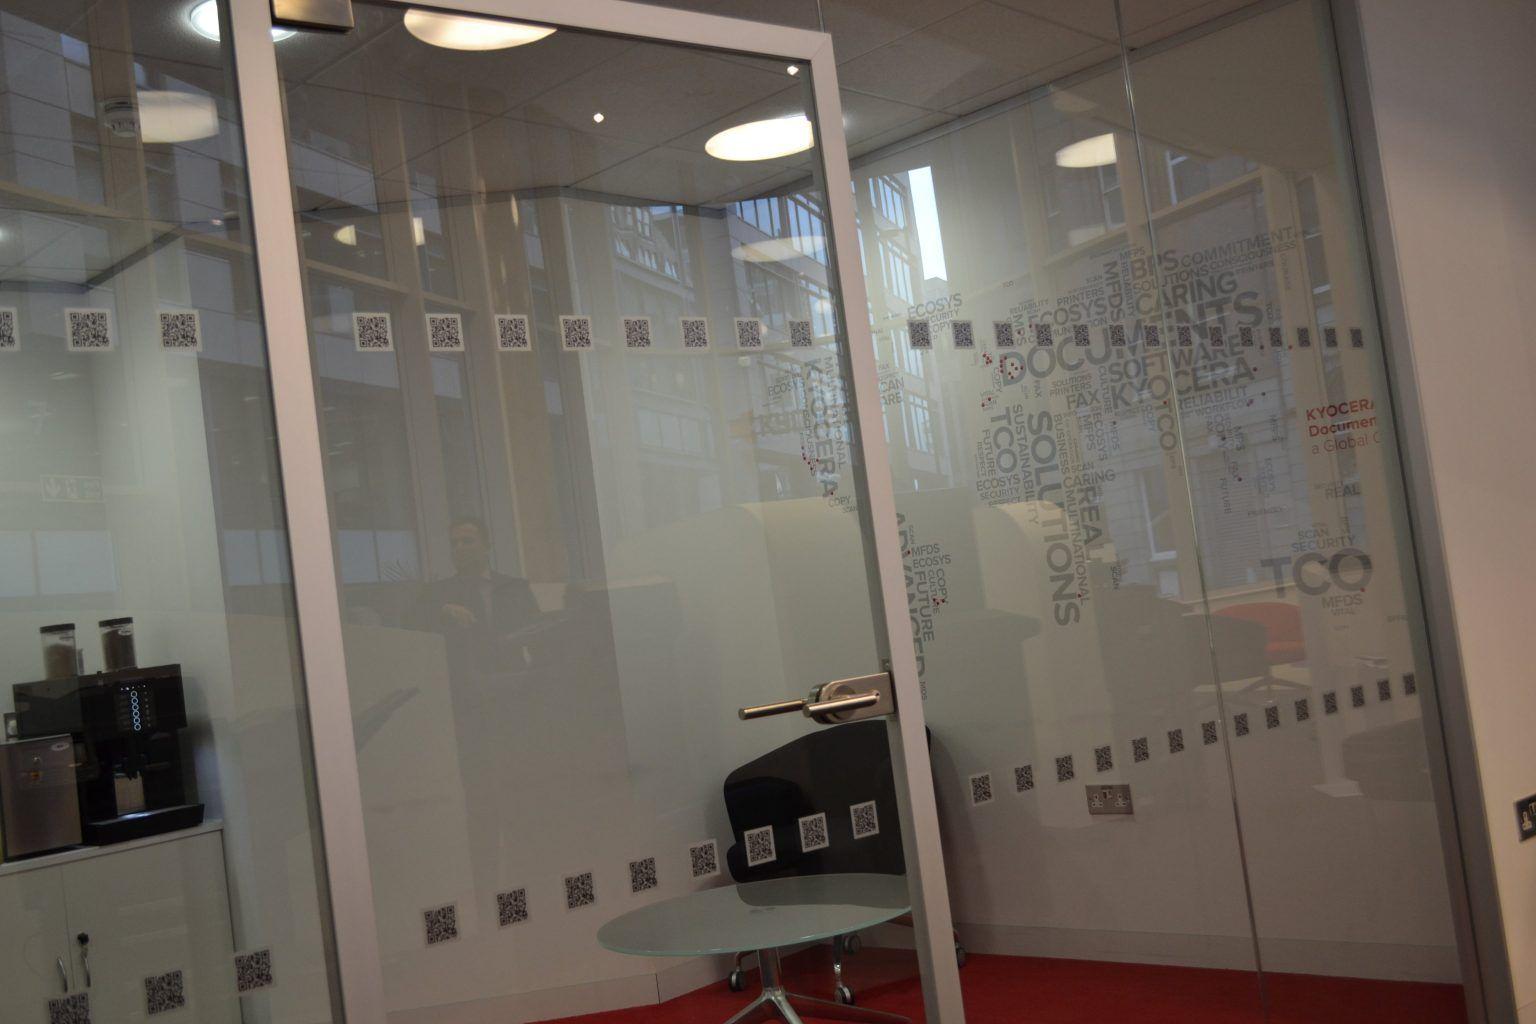 Kyocera Office & internal wall manifestations